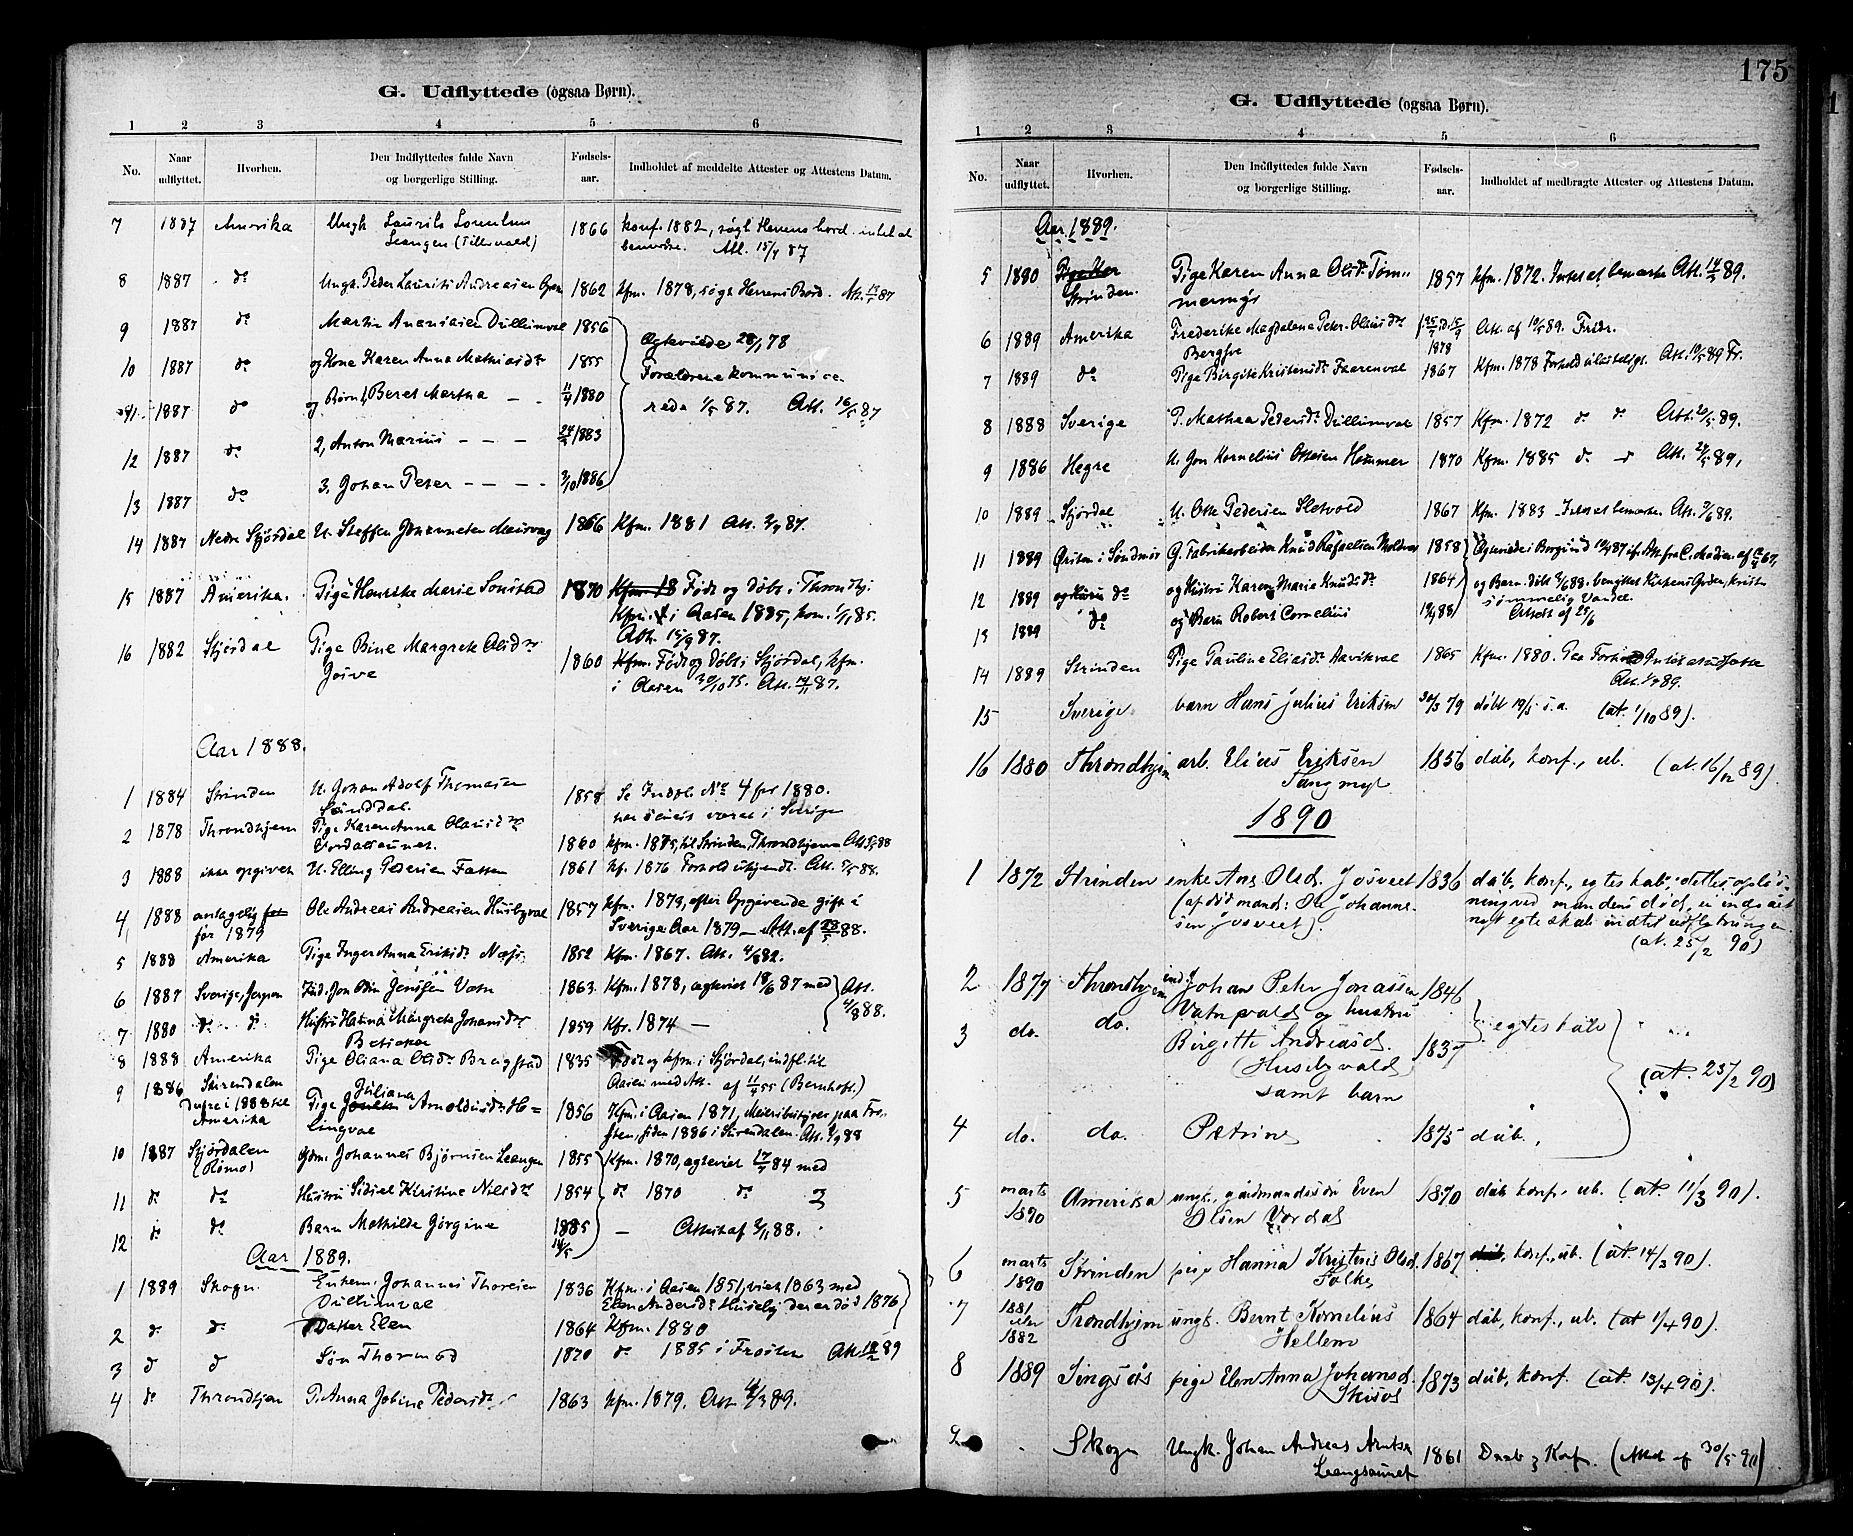 SAT, Ministerialprotokoller, klokkerbøker og fødselsregistre - Nord-Trøndelag, 714/L0130: Ministerialbok nr. 714A01, 1878-1895, s. 175